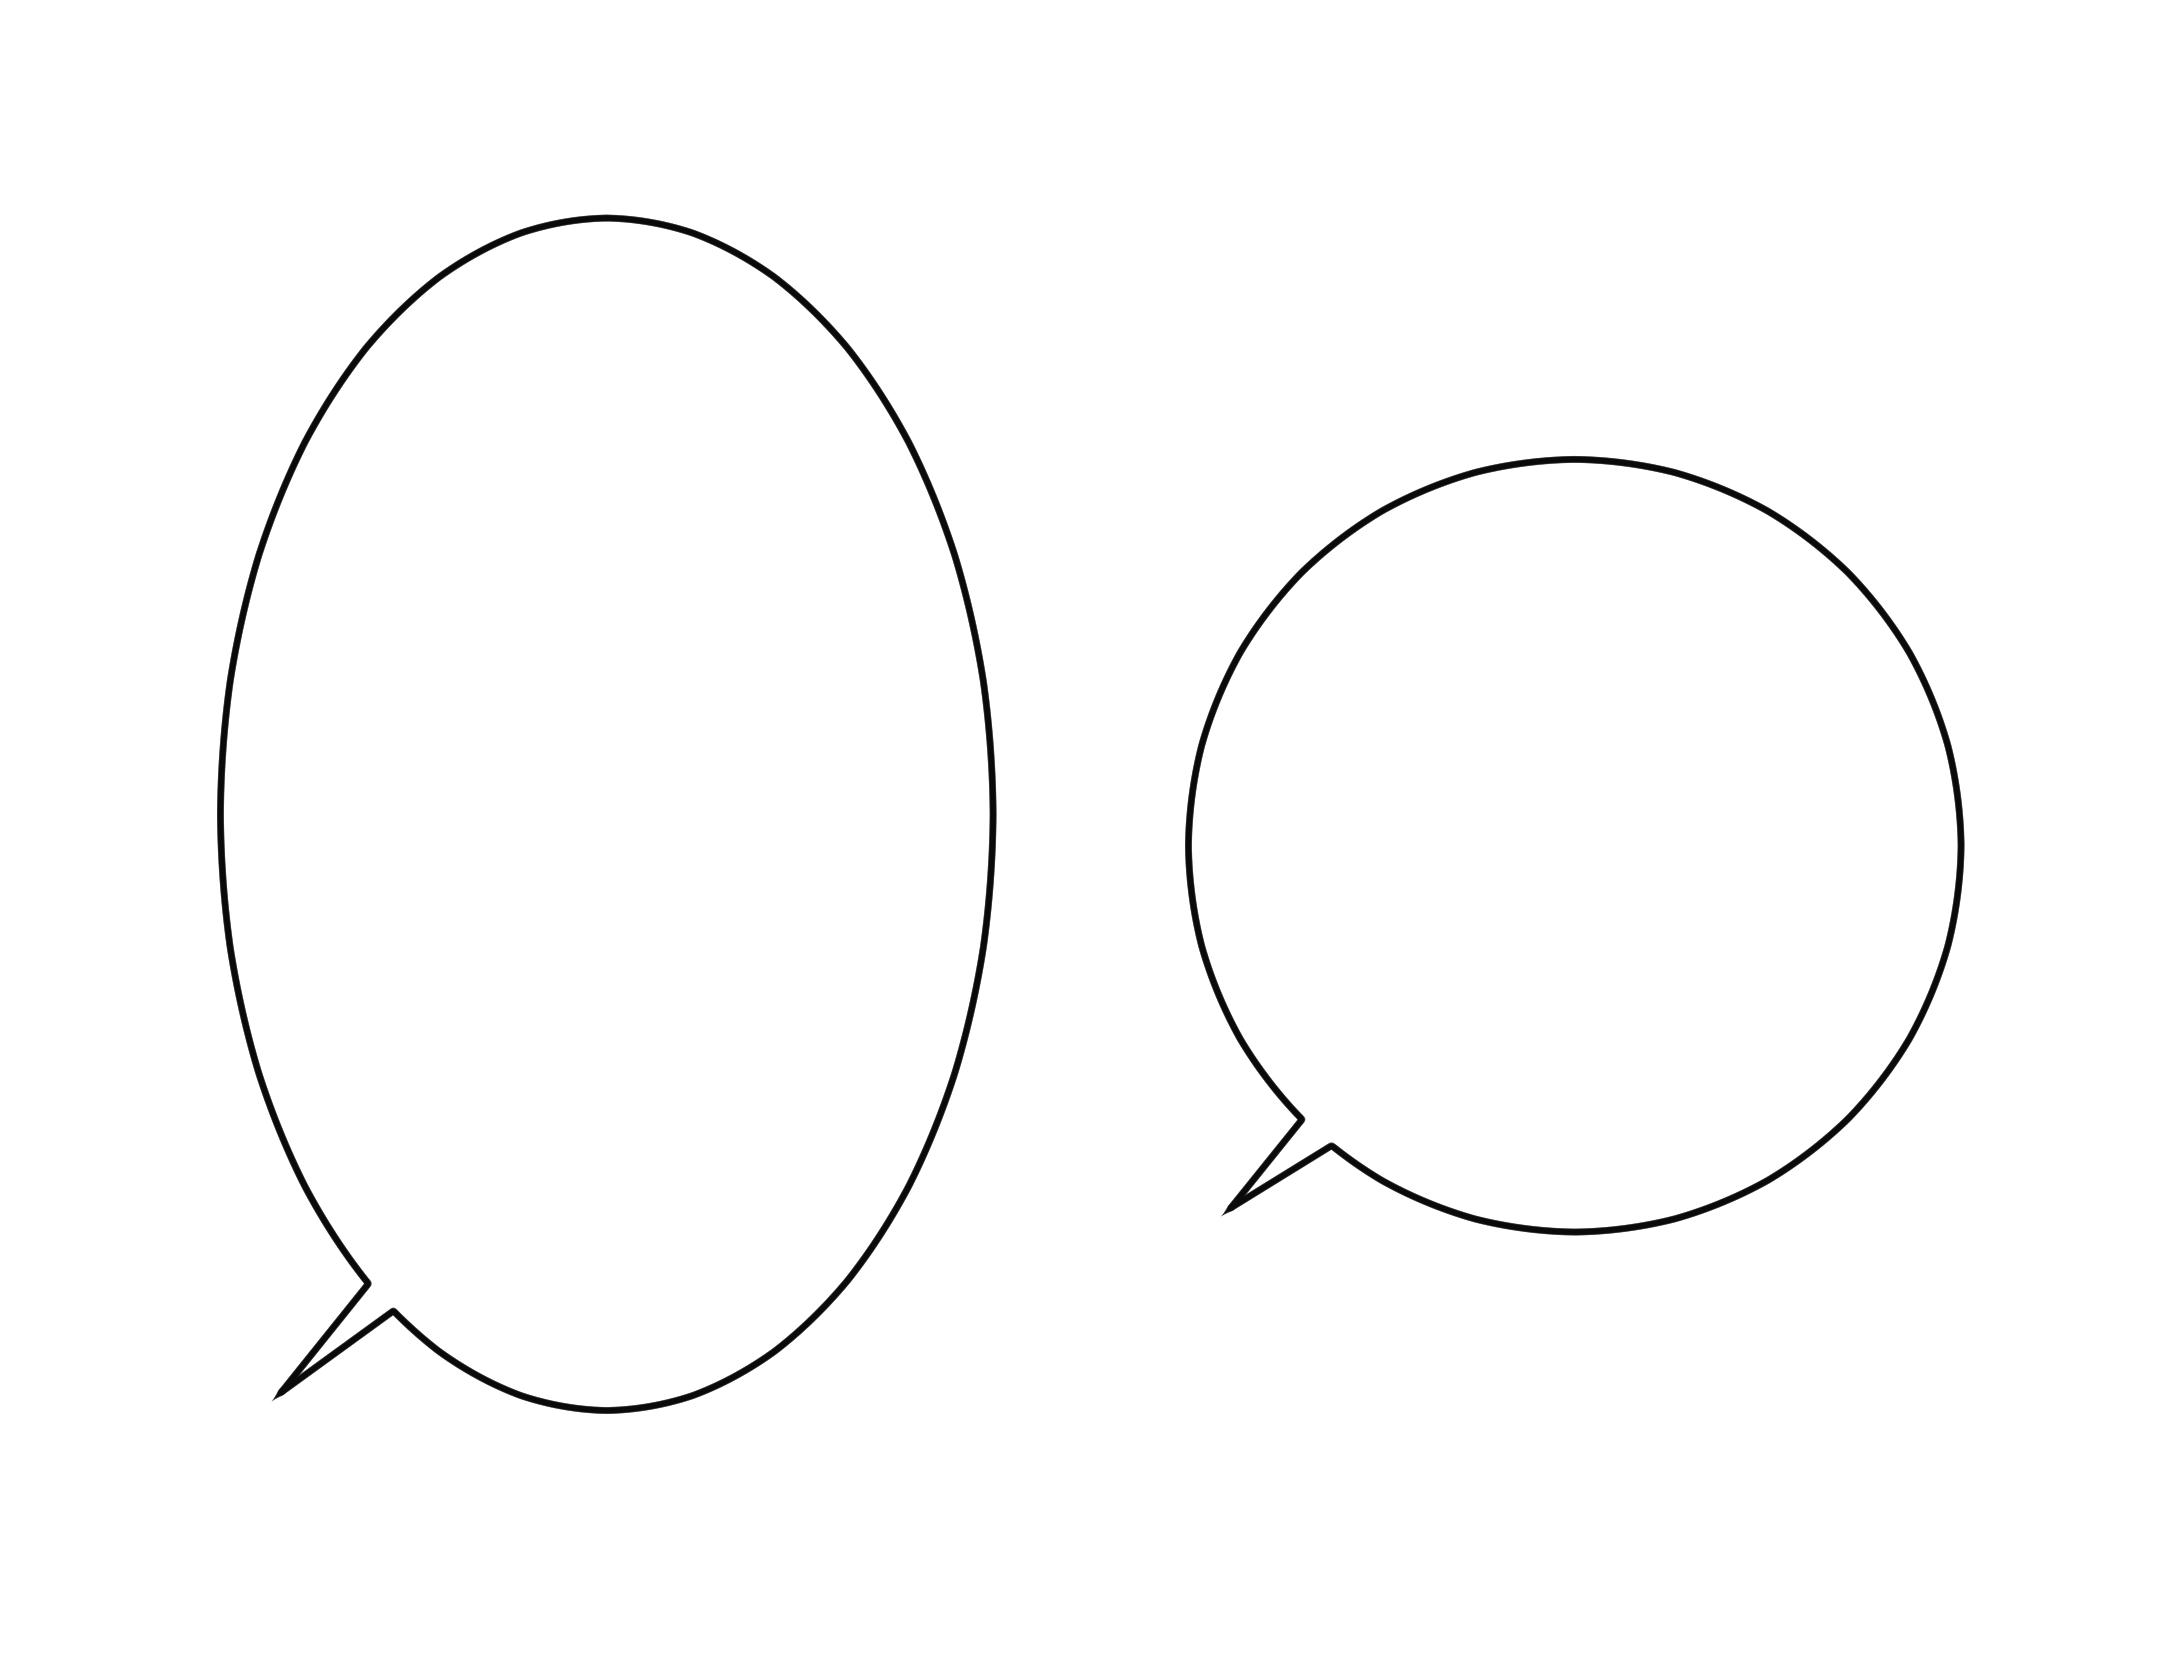 楕円吹き出しの画像